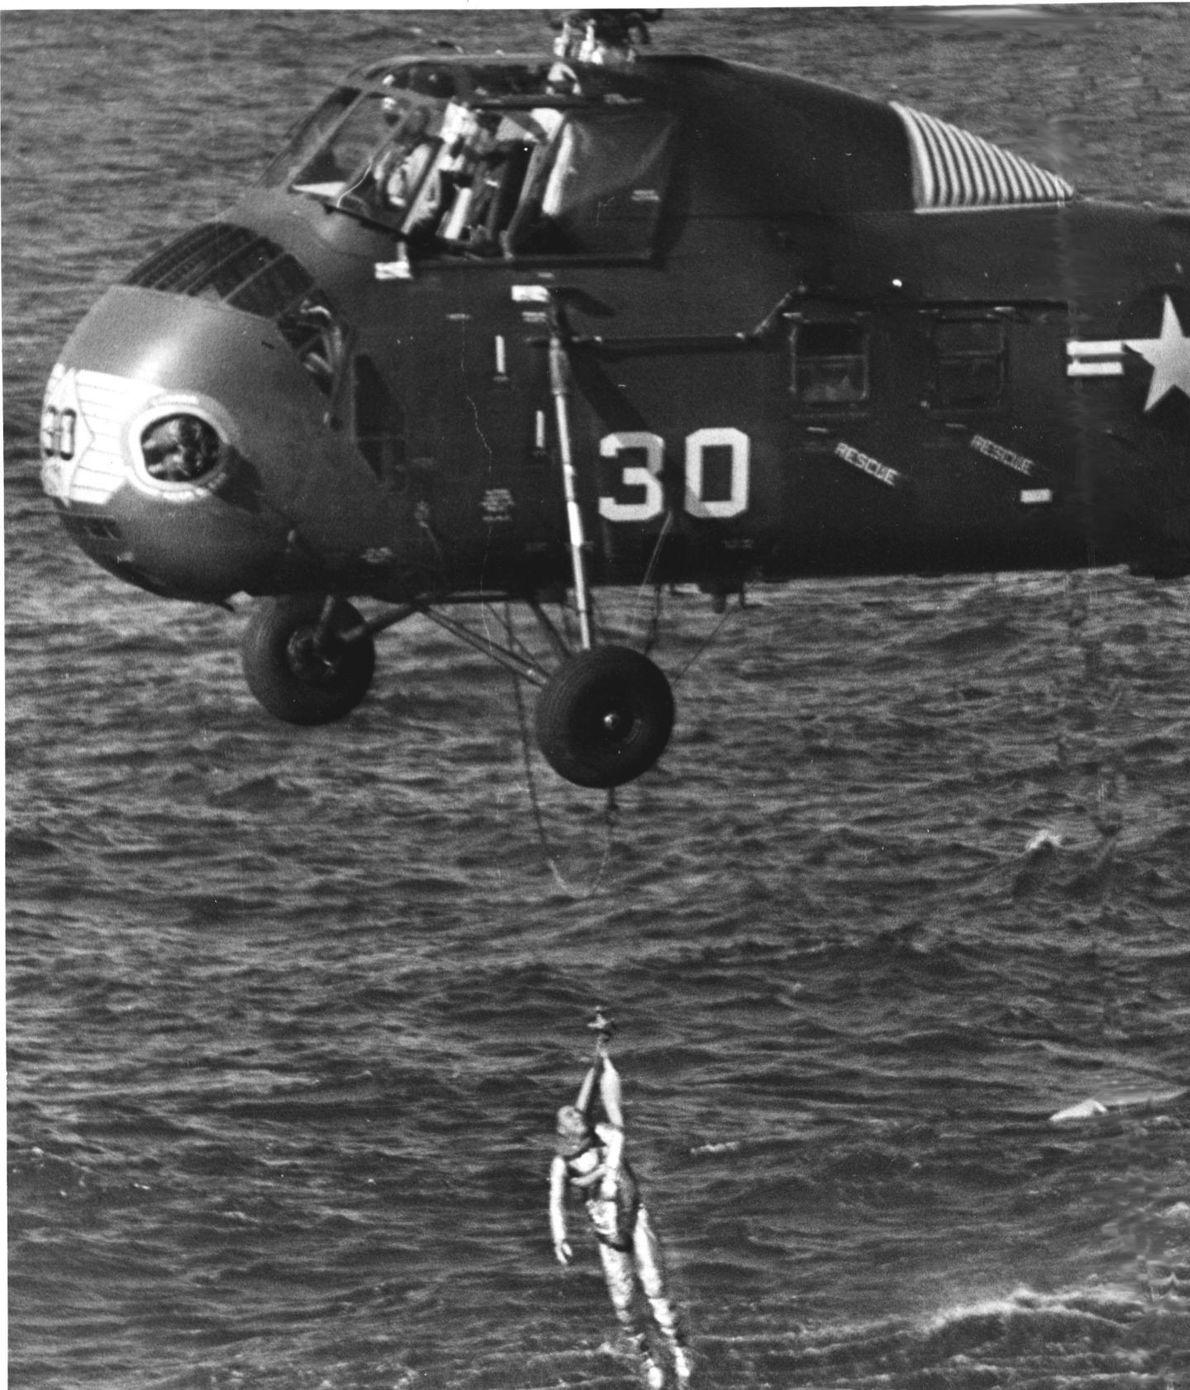 Grissom fue izado a bordo por el helicóptero